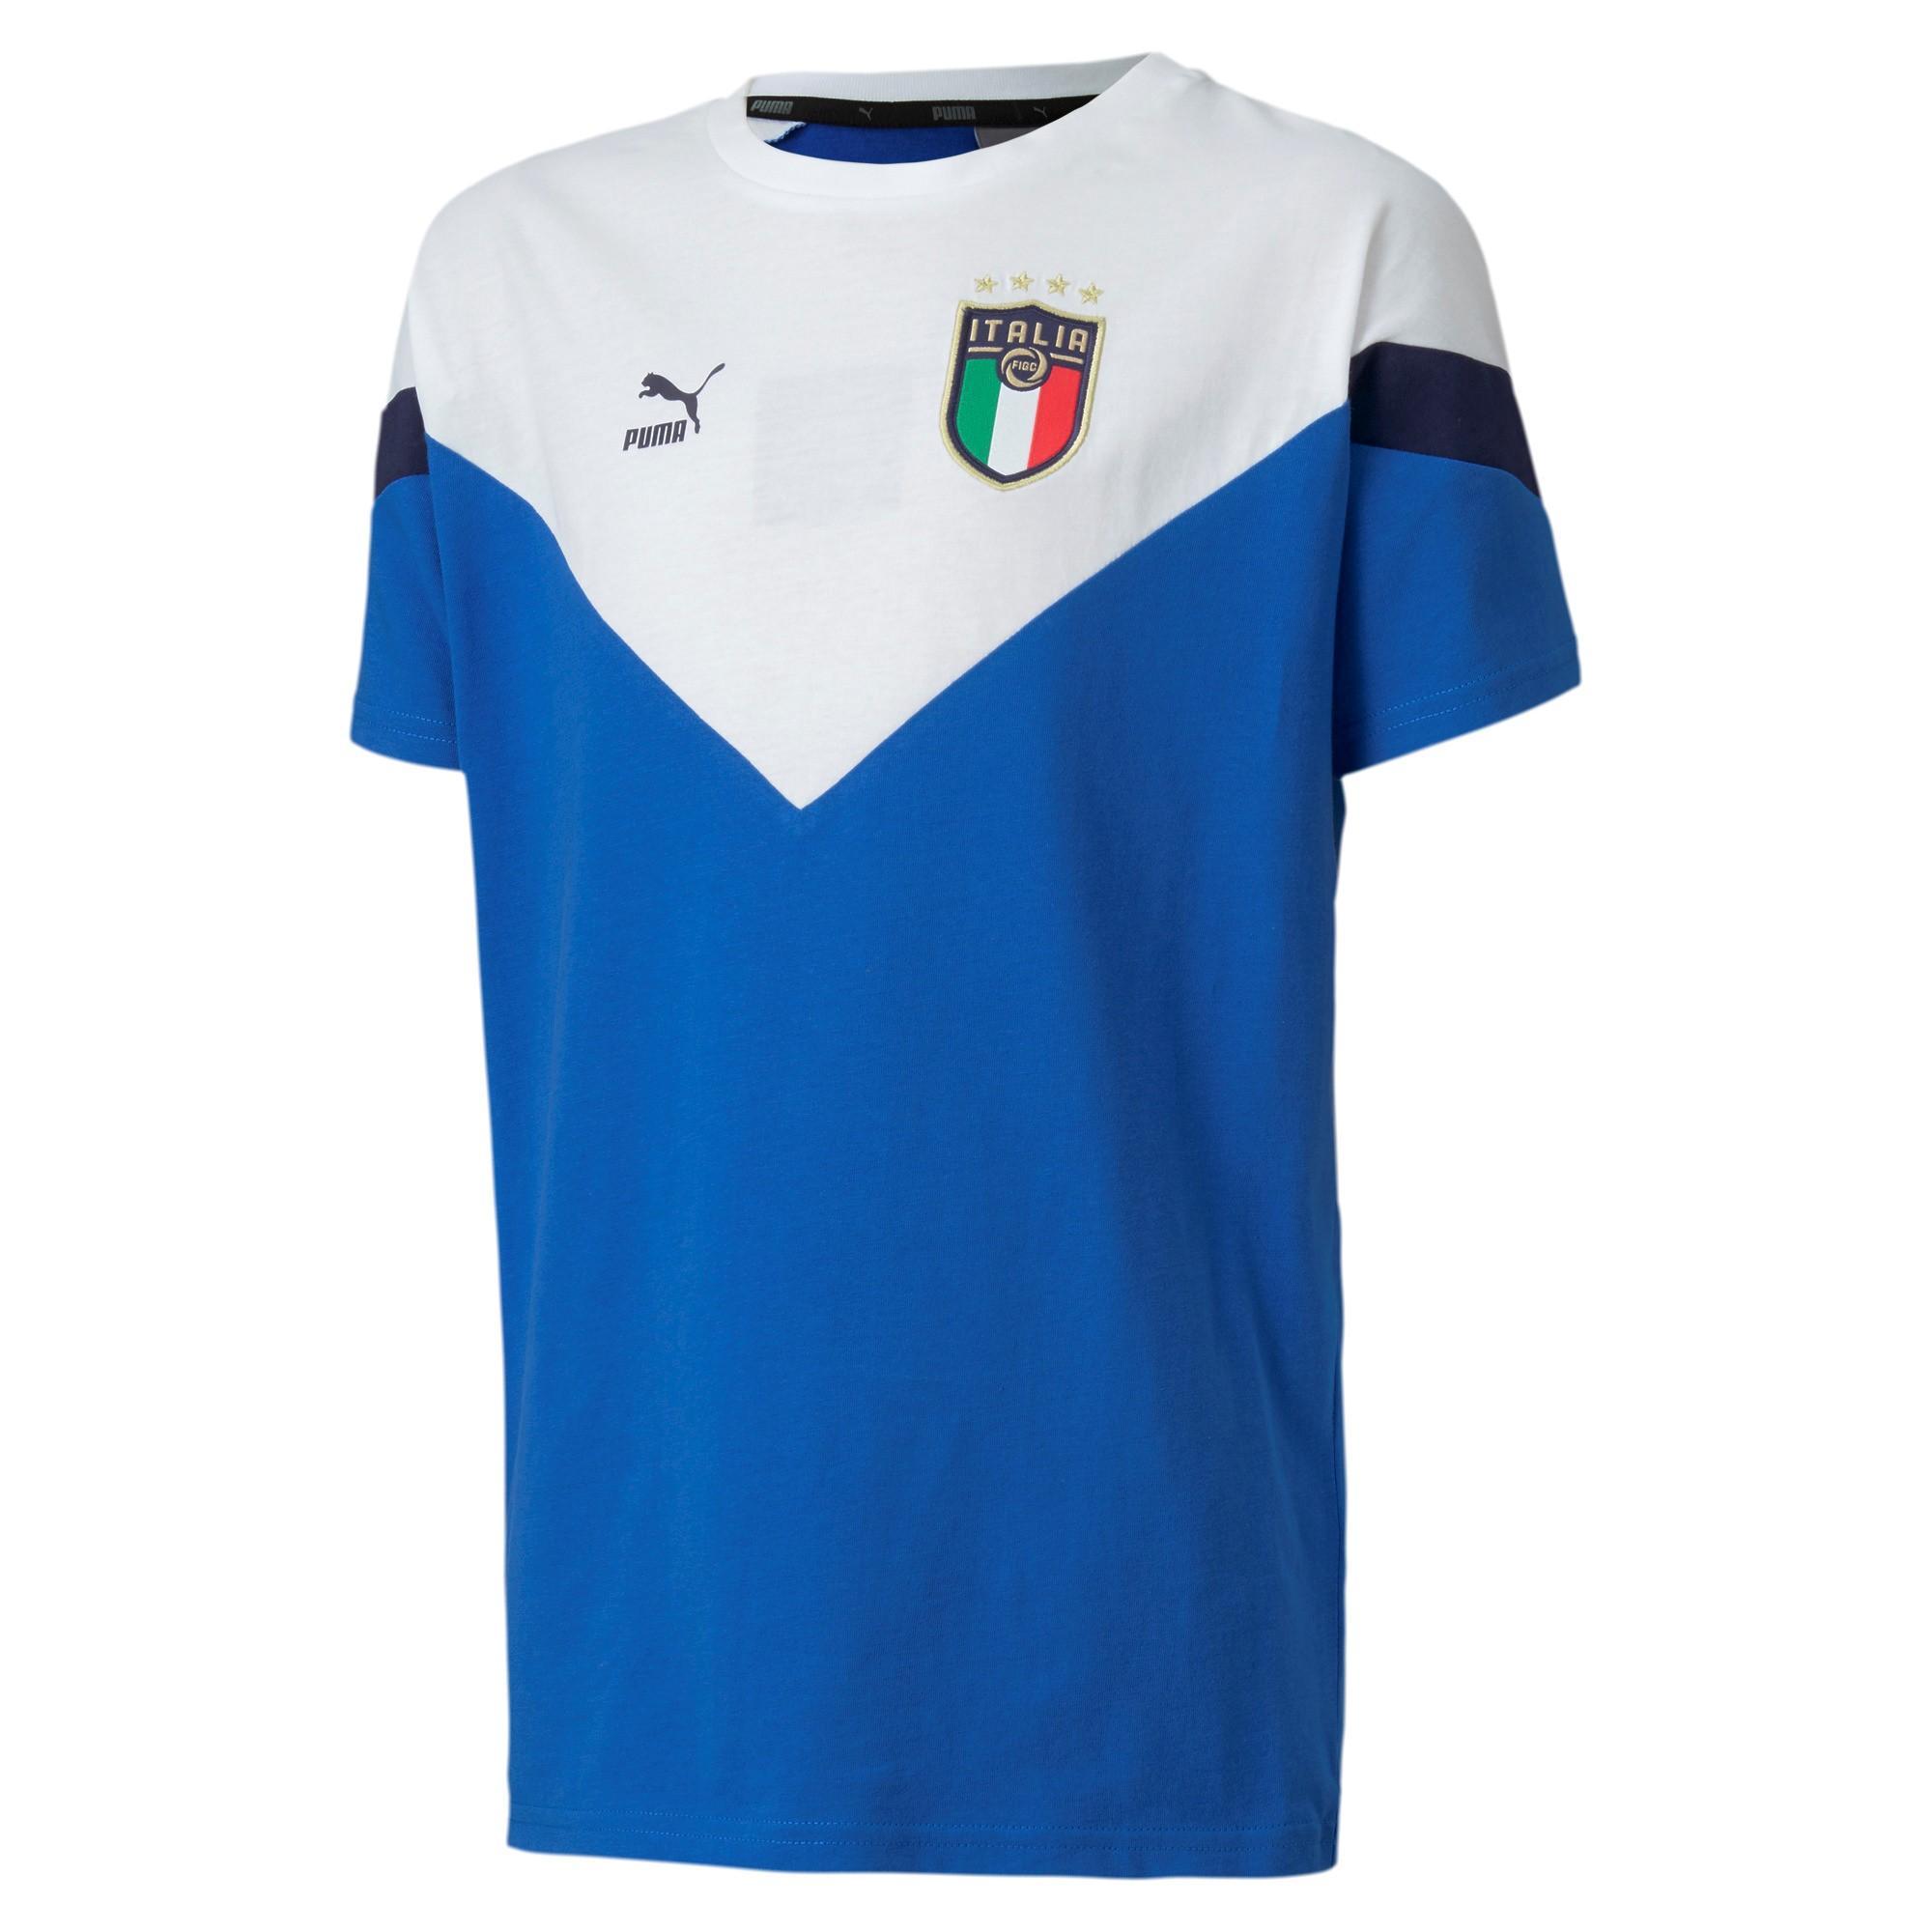 Puma T-shirt  Italia Junior